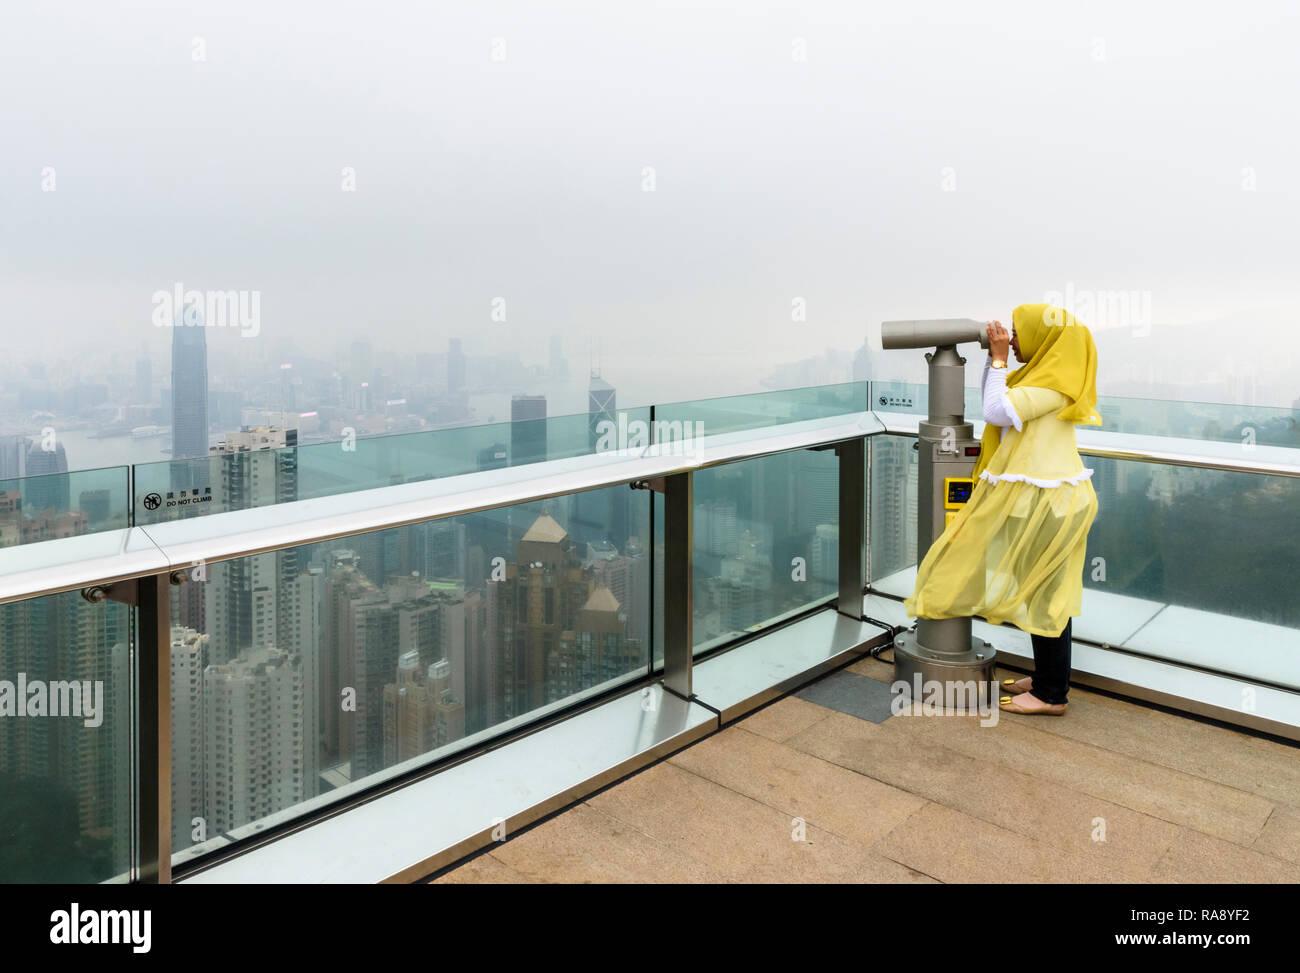 Mujer mira a través de un telescopio en la terraza de la torre Peak plataforma de visualización limitada por la bruma de la contaminación del aire, Hong Kong Imagen De Stock